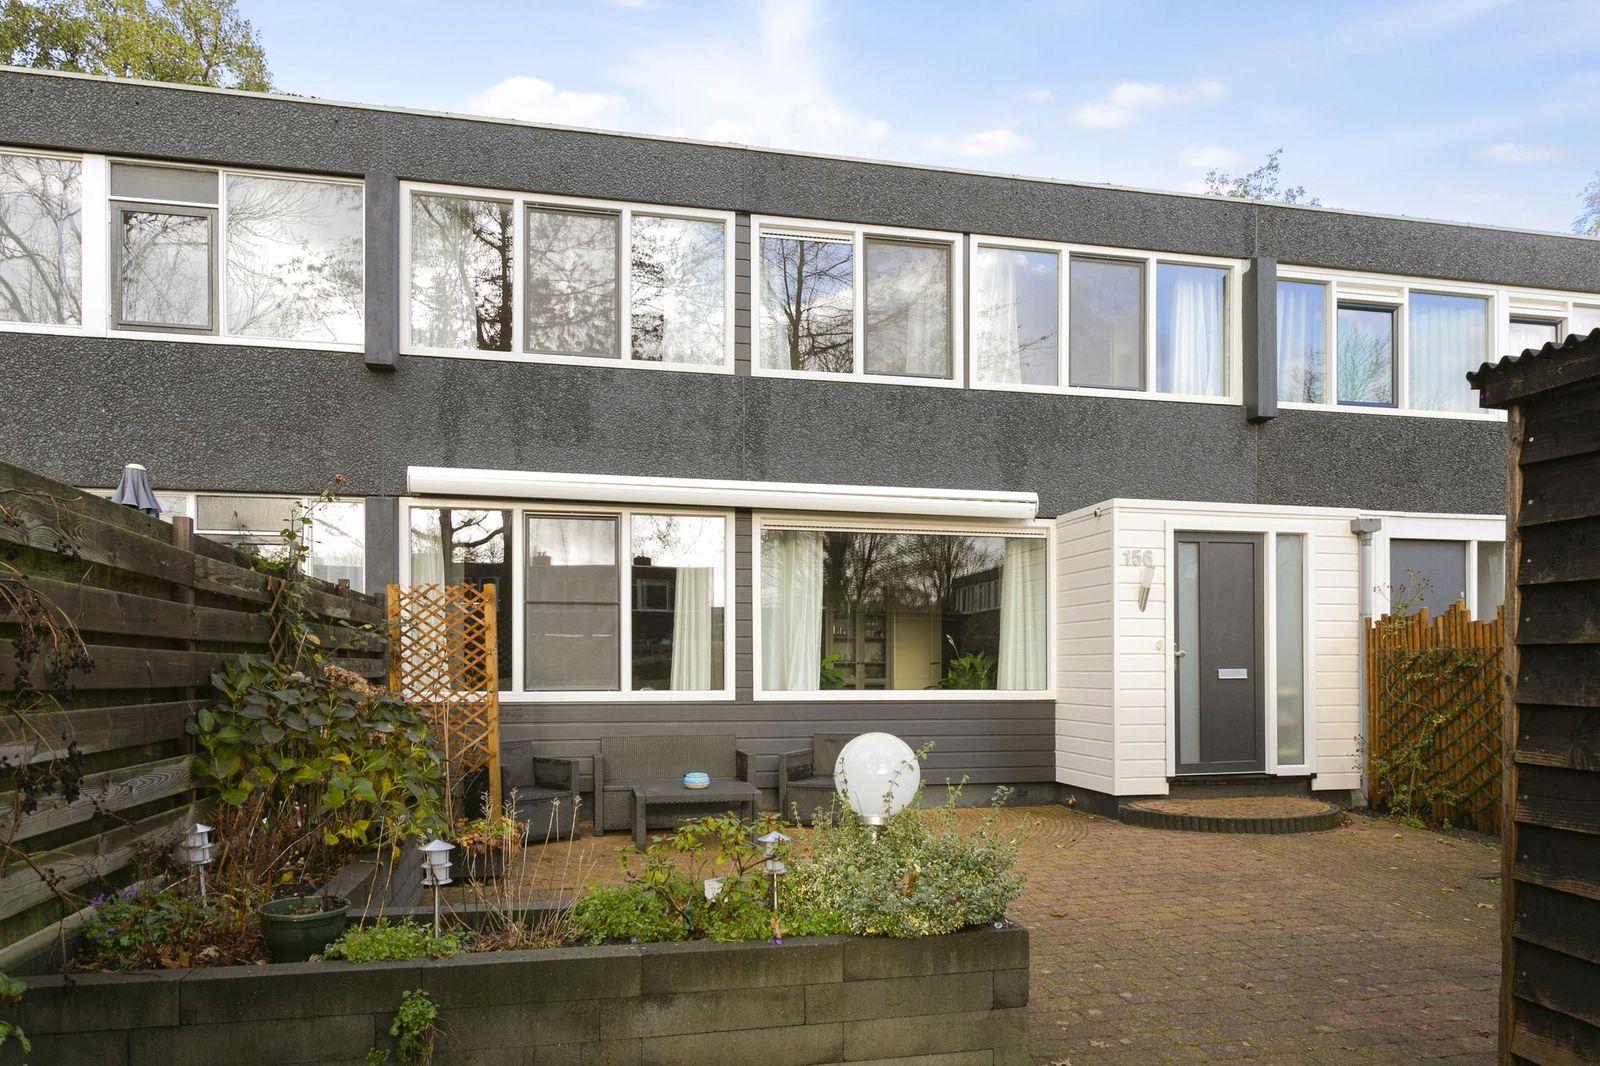 Baken 156, Groningen